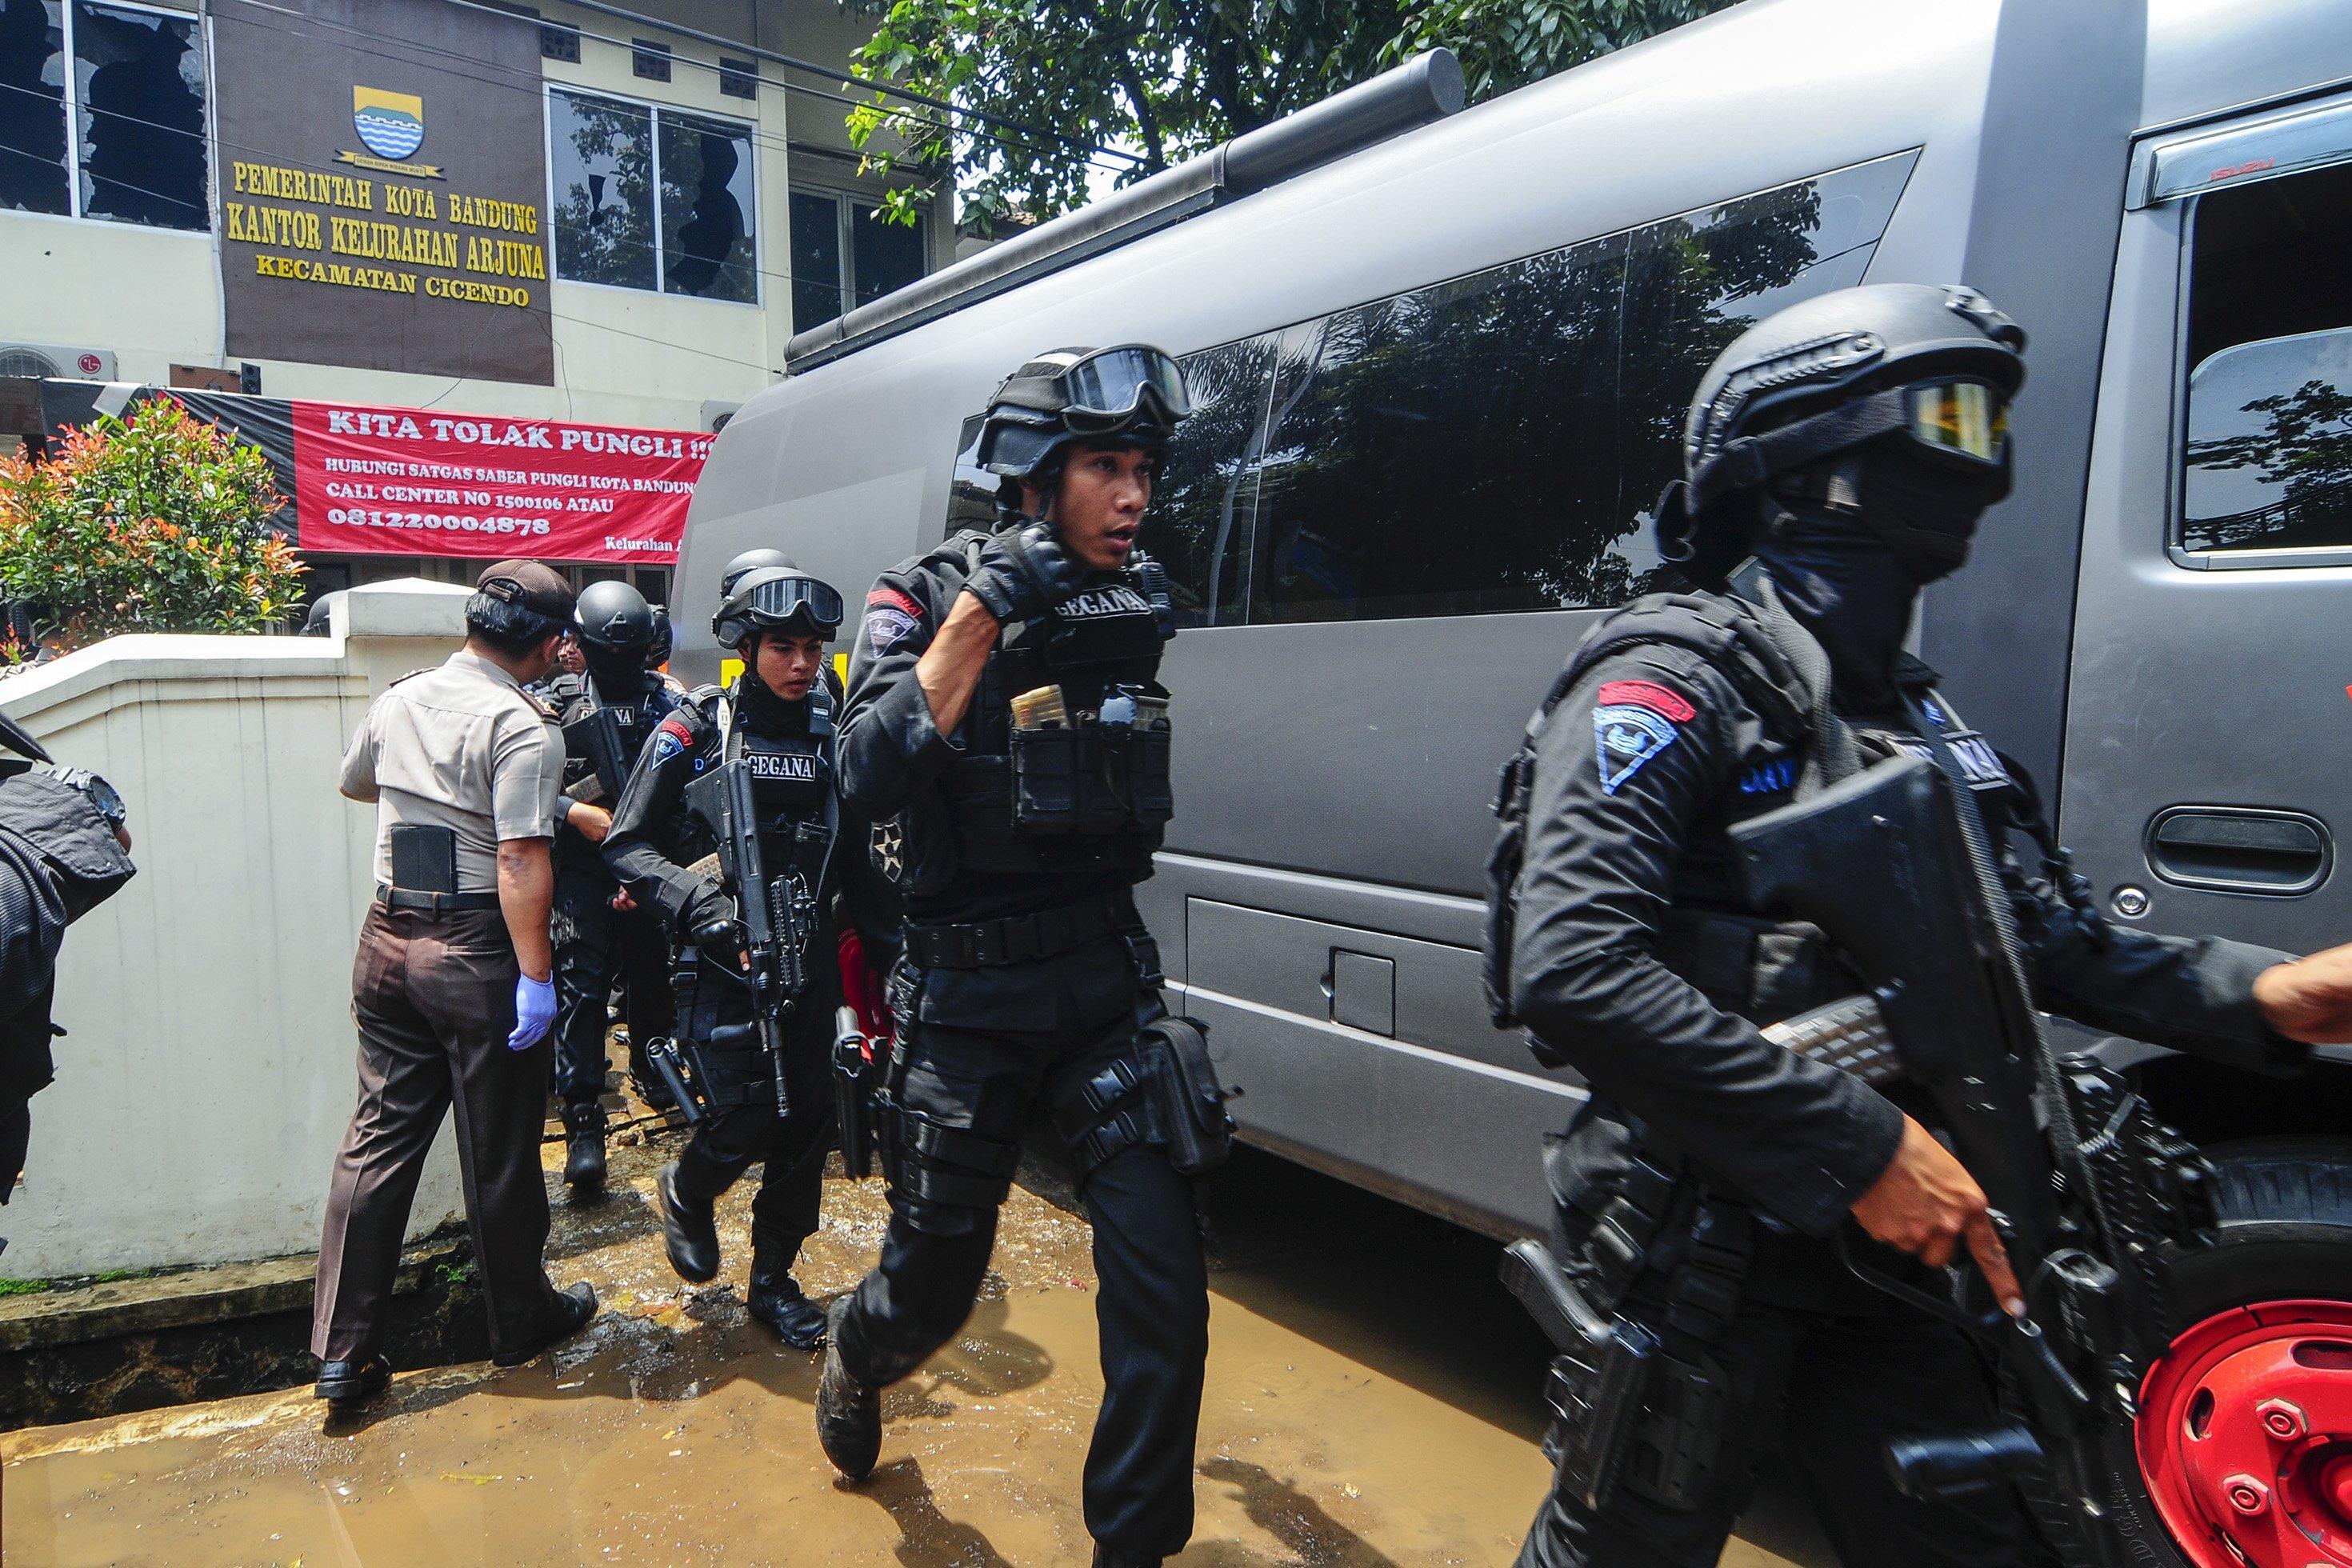 Petugas kepolisian bersenjata lengkap bergegas keluar seusai berhasil menangkap terduga teroris di Kantor Kelurahan Arjuna, Bandung, Jawa Barat, Senin (27/2).